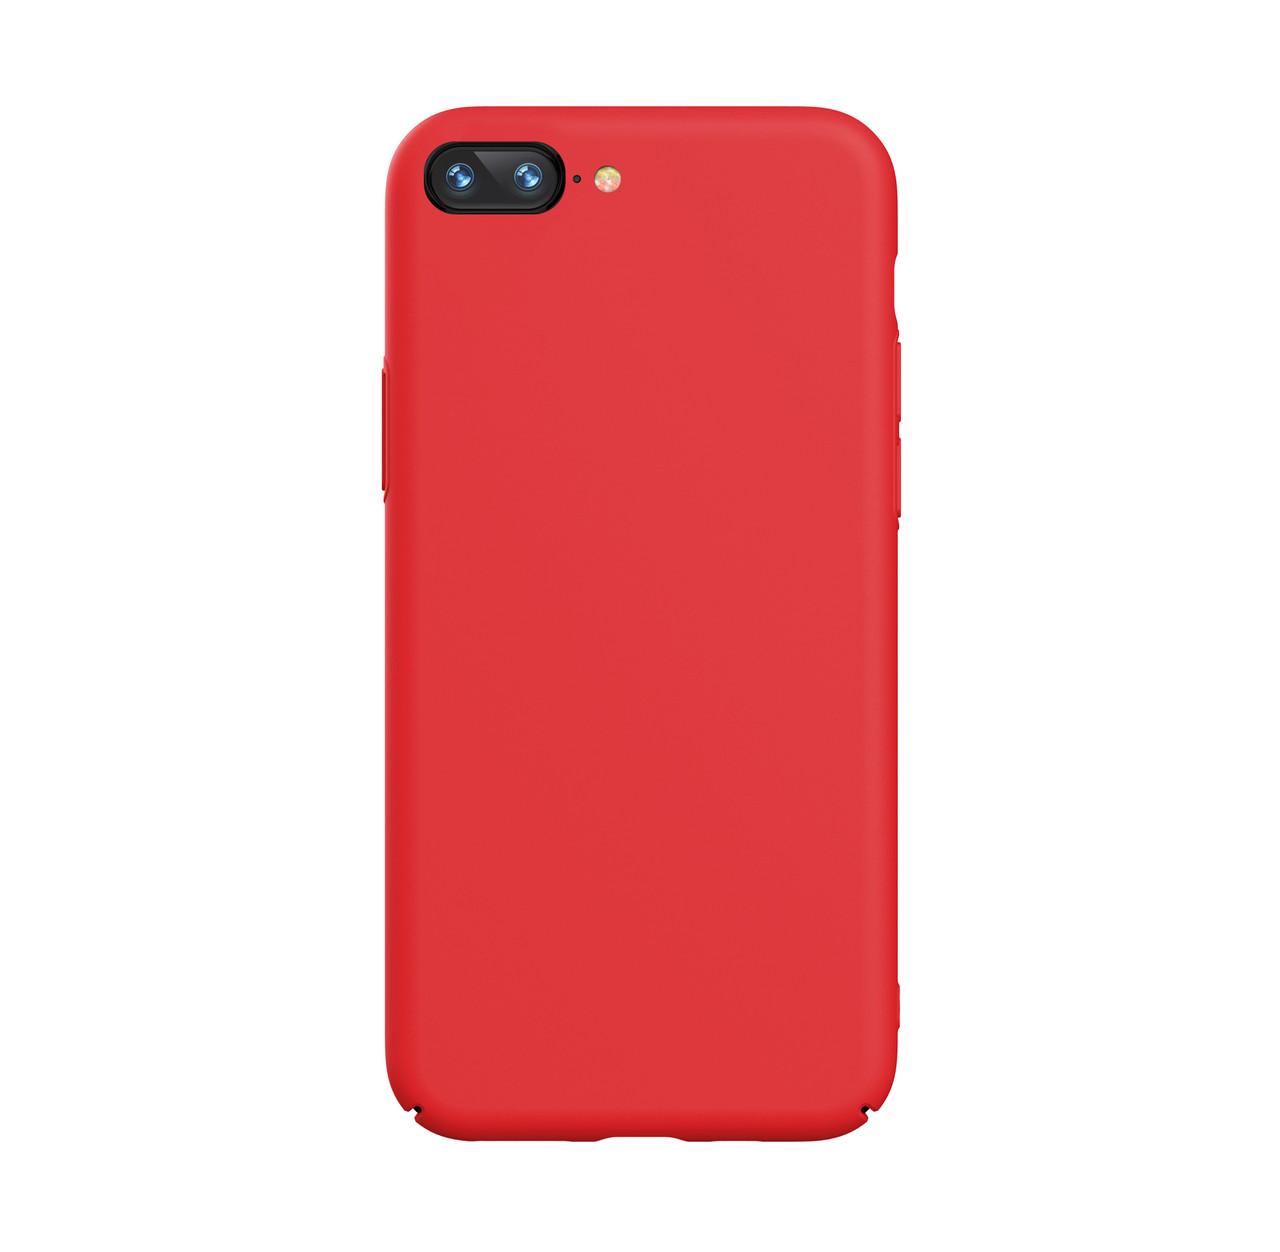 DEVIA iPhone SE 2 - Nature Silicon Case